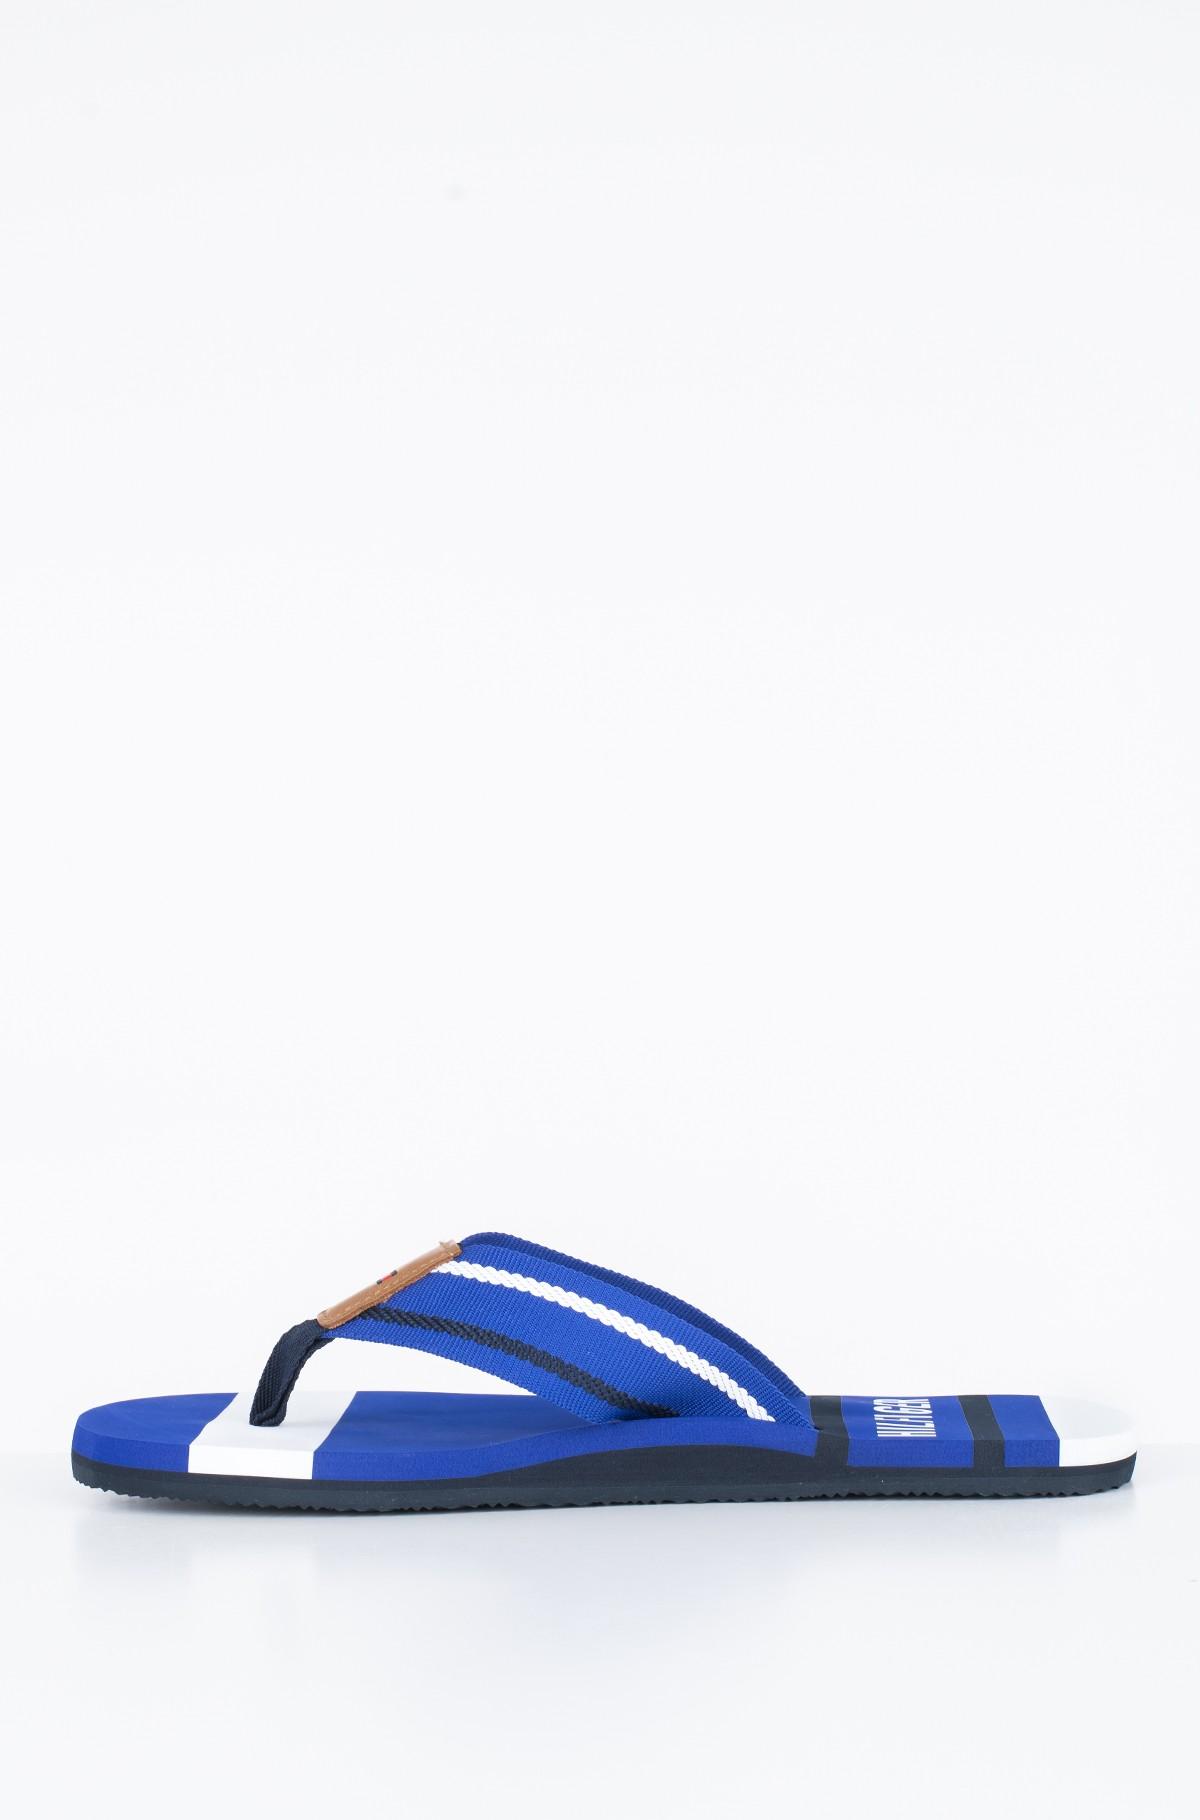 Flip-flops STRIPED BEACH SANDAL-full-2